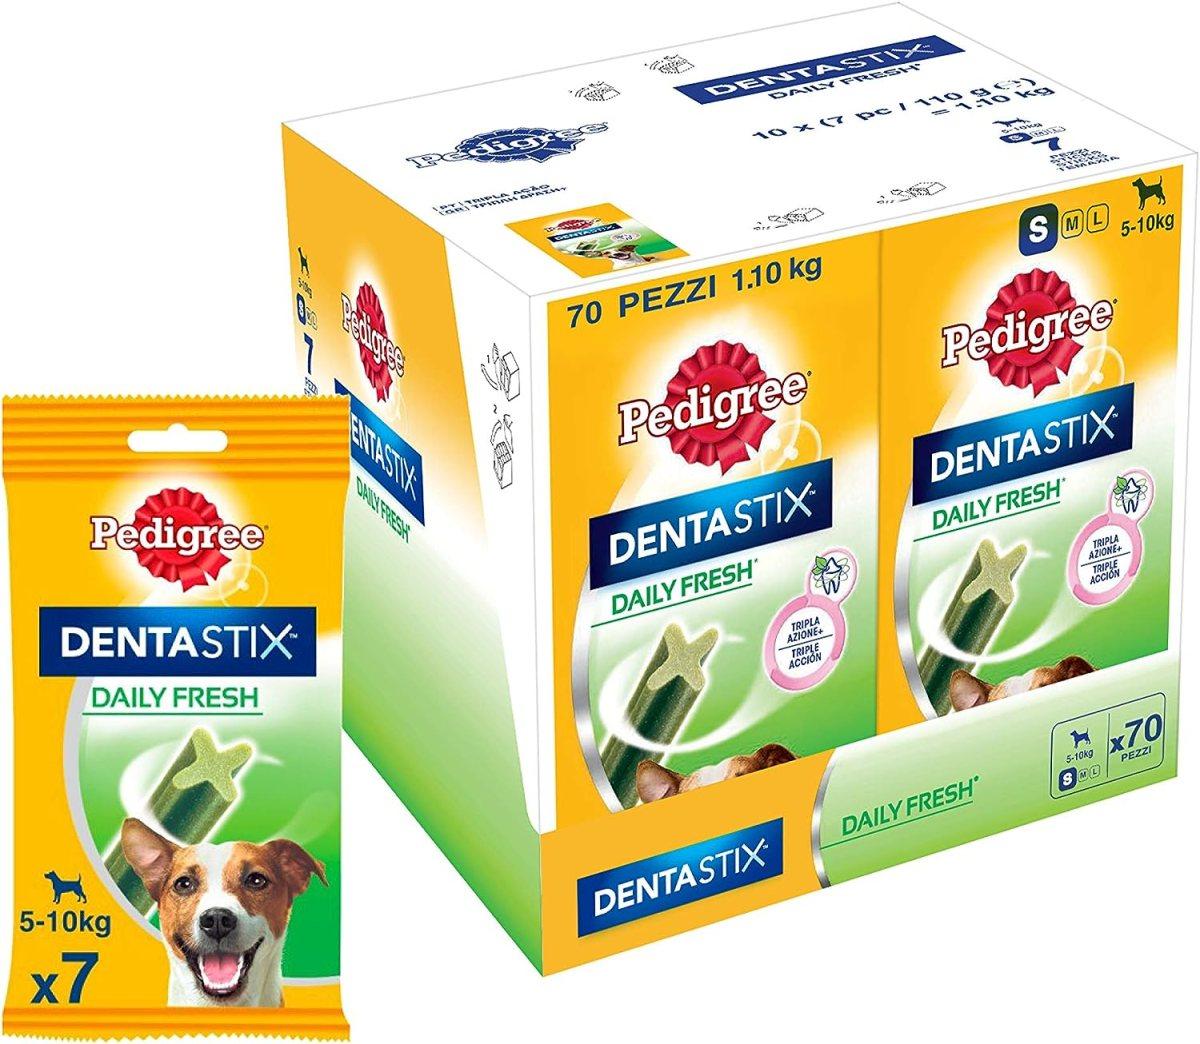 Dentastix Fresh Premios para Perros Pequeños de Higiene Oral contra el Mal Aliento - Paquete de 10 x 110 gr - Total: 1100 gr